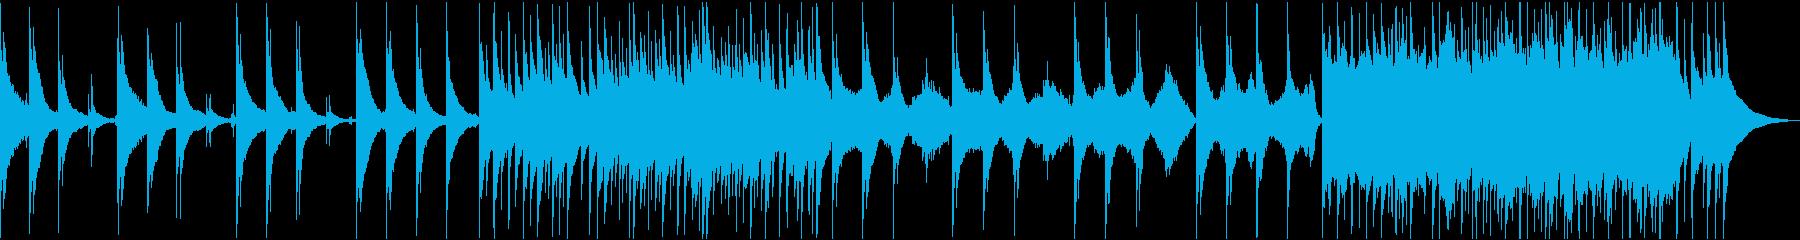 アコギと弦楽器の優しい癒しの映像用音楽の再生済みの波形